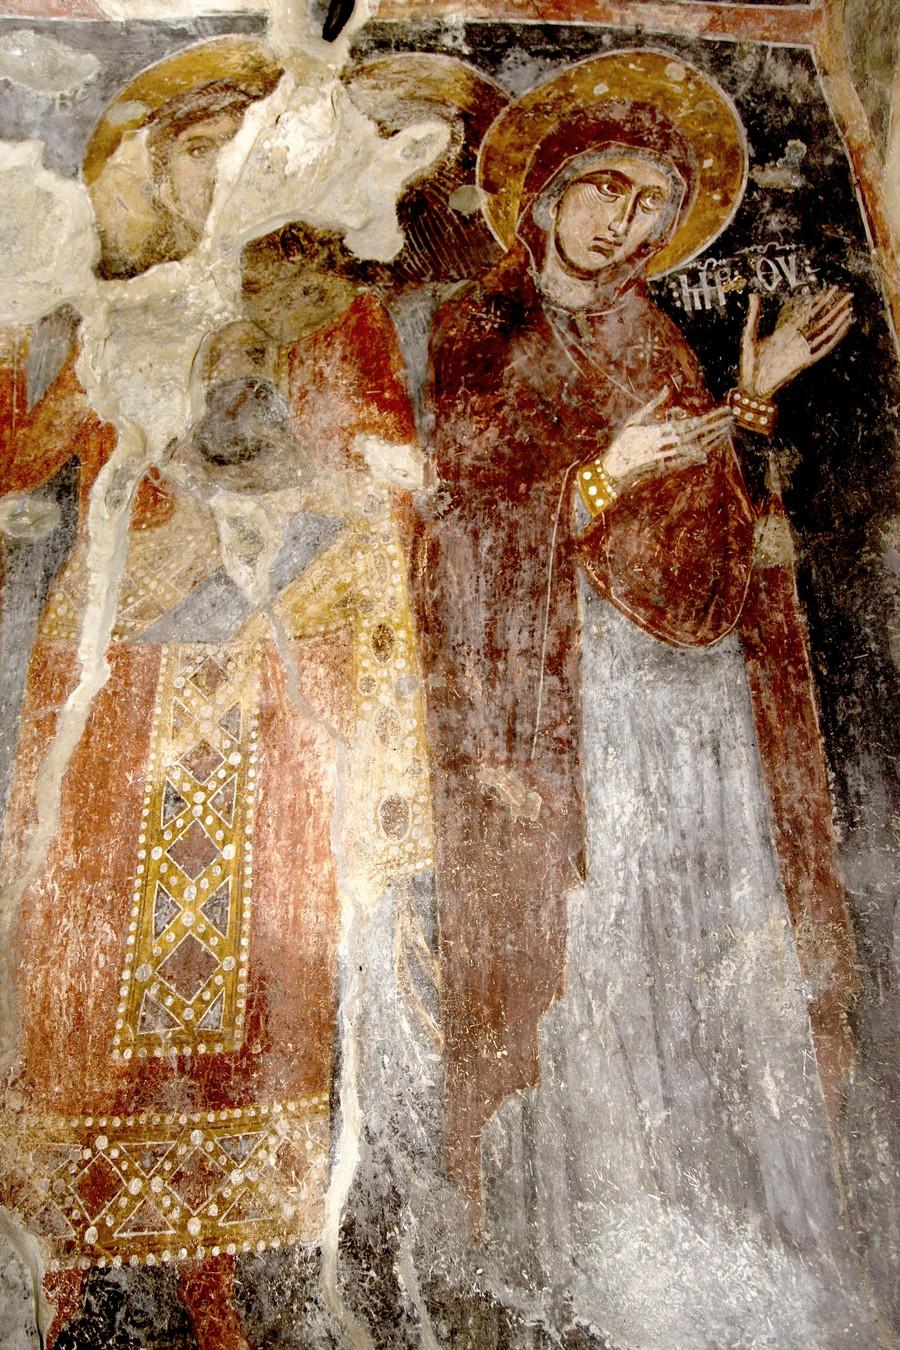 Пресвятая Богородица и Архангел. ФрескаНузальской церкви (Северная Осетия). Конец XIII - начало XIV века.